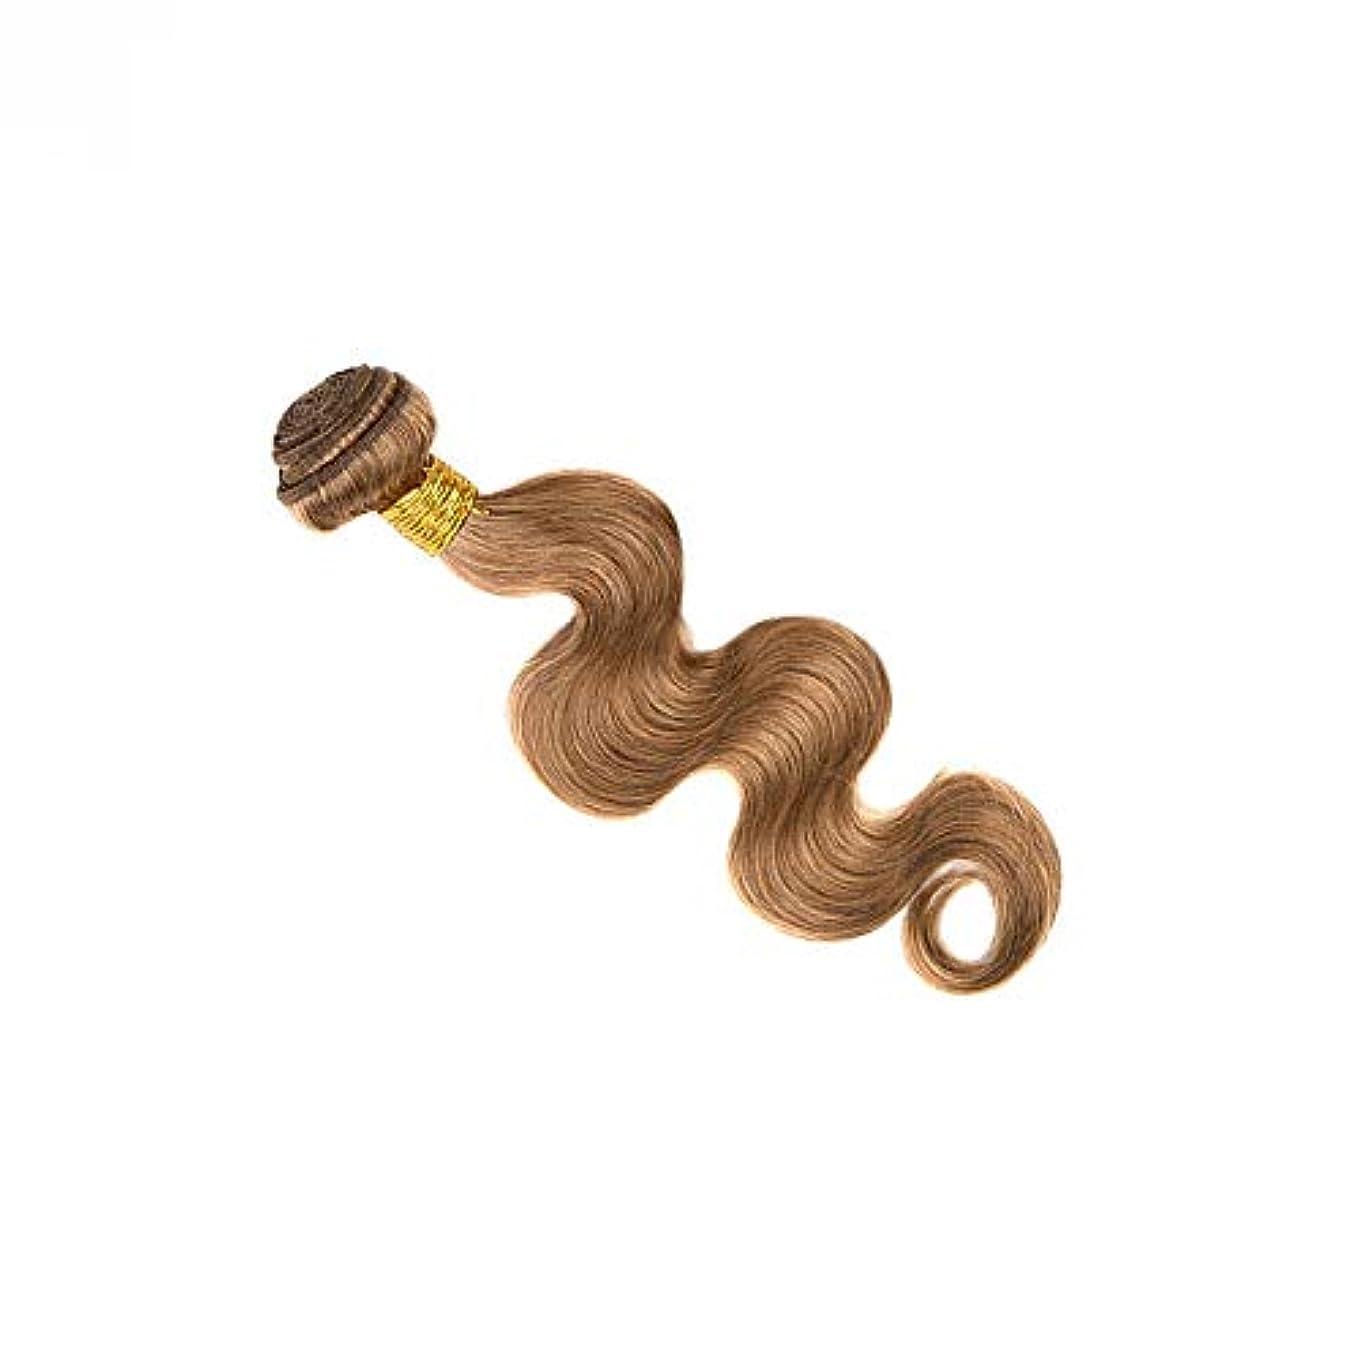 換気蓮ビルマGoodsok-jp ブラジル人毛織りバンドルボディウェーブナチュラルヘアエクステンション27#ブラウンカラー(100g、1バンドル) (色 : ブラウン, サイズ : 14 inch)